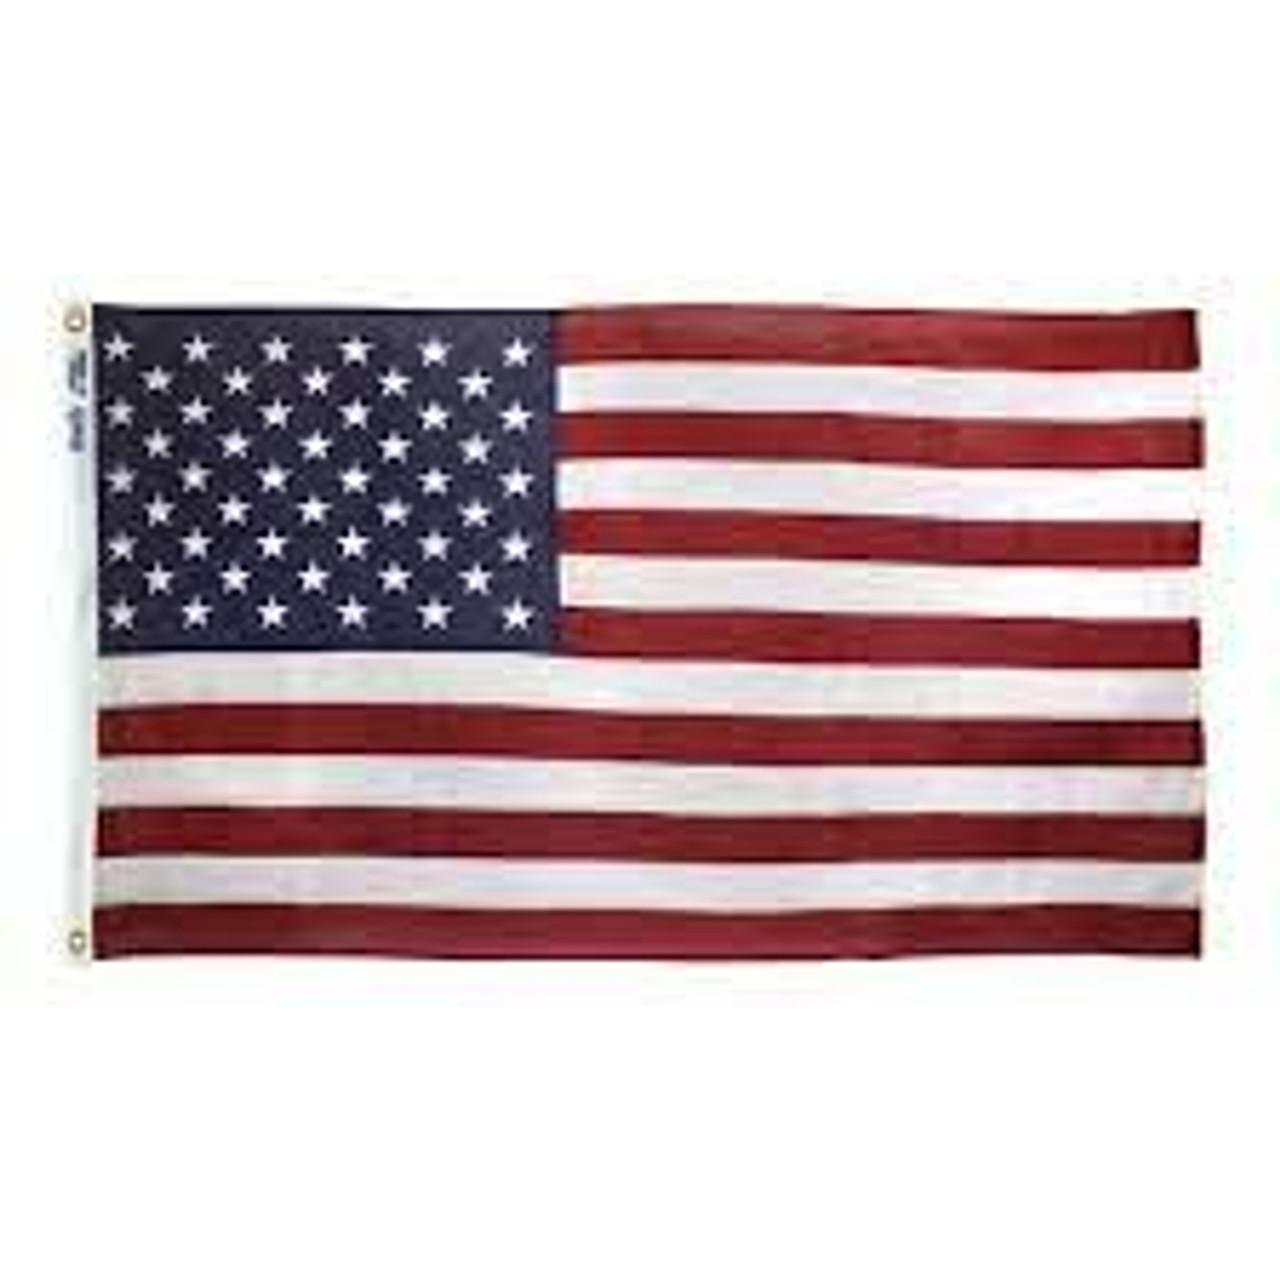 US FLAG - 5'X8' NYLON